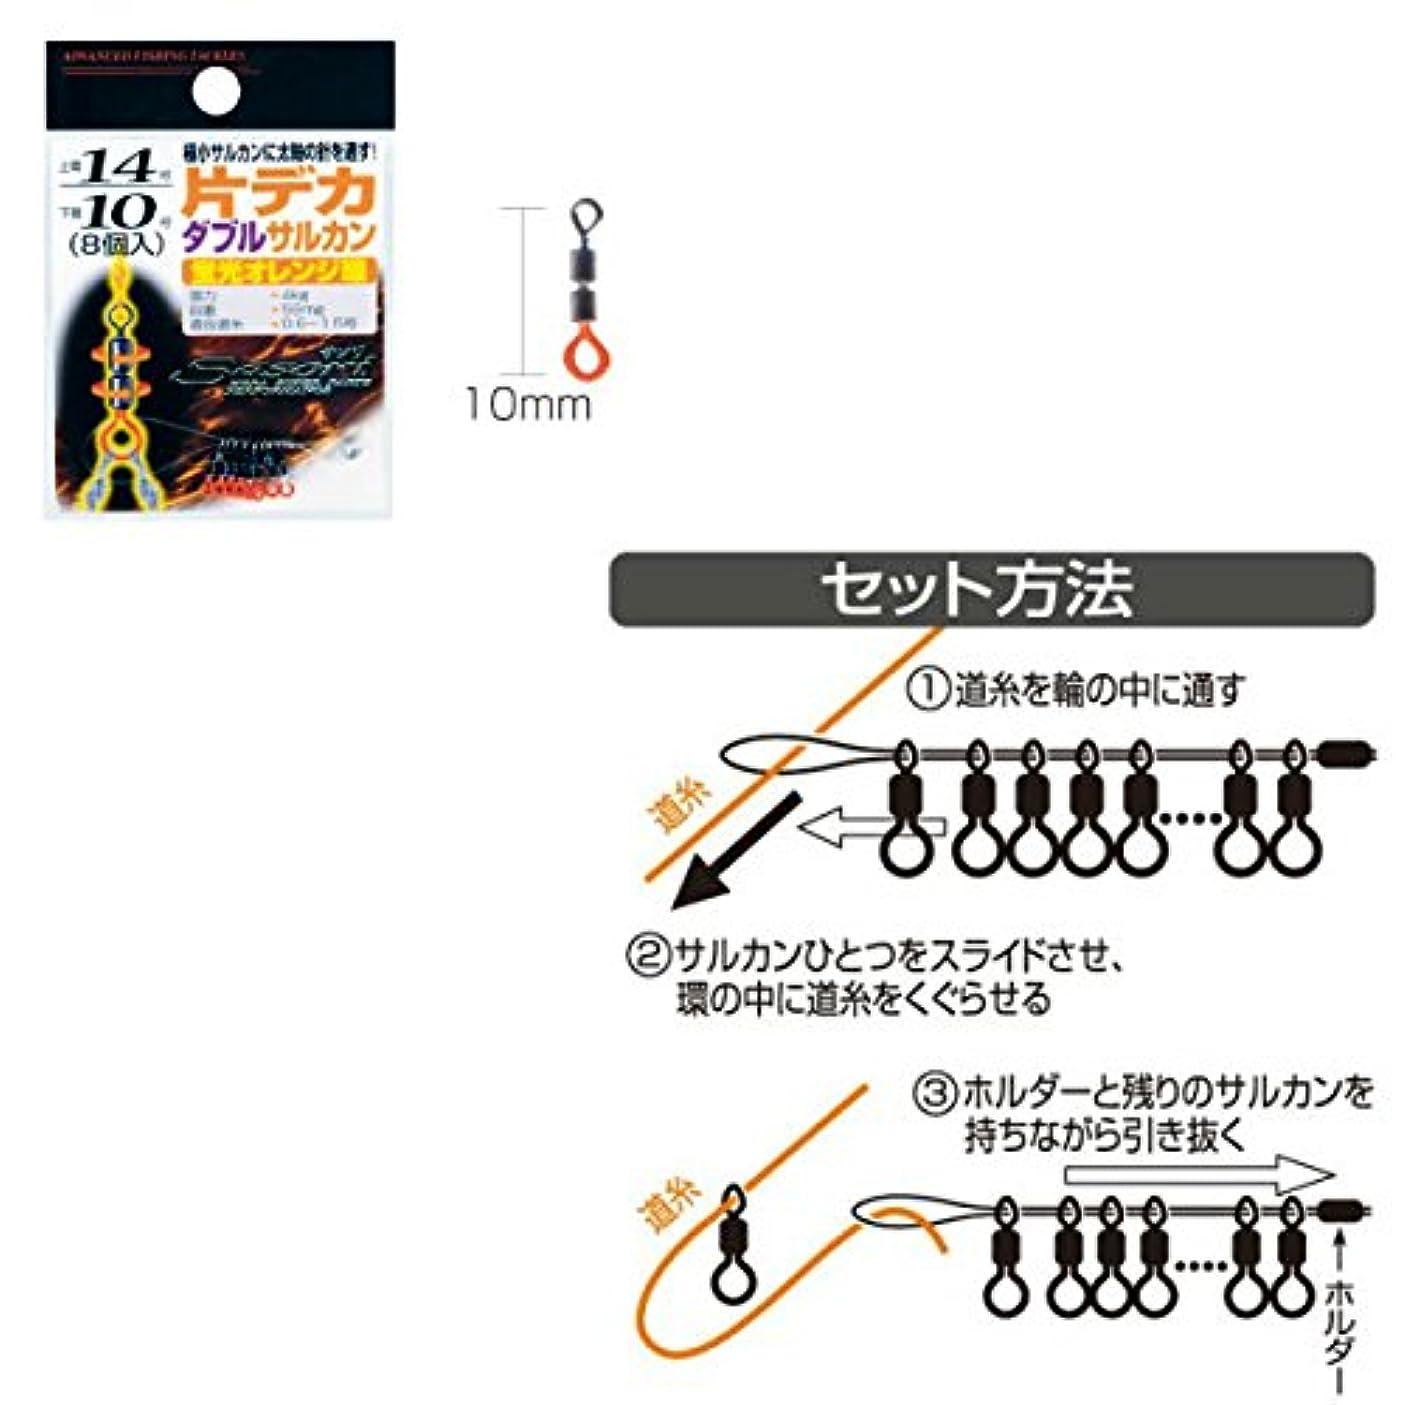 多用途肥満モットーLINE SYSTEM(ラインシステム) 片デカヘッドダブルサルカン見え塗装 KDD14M